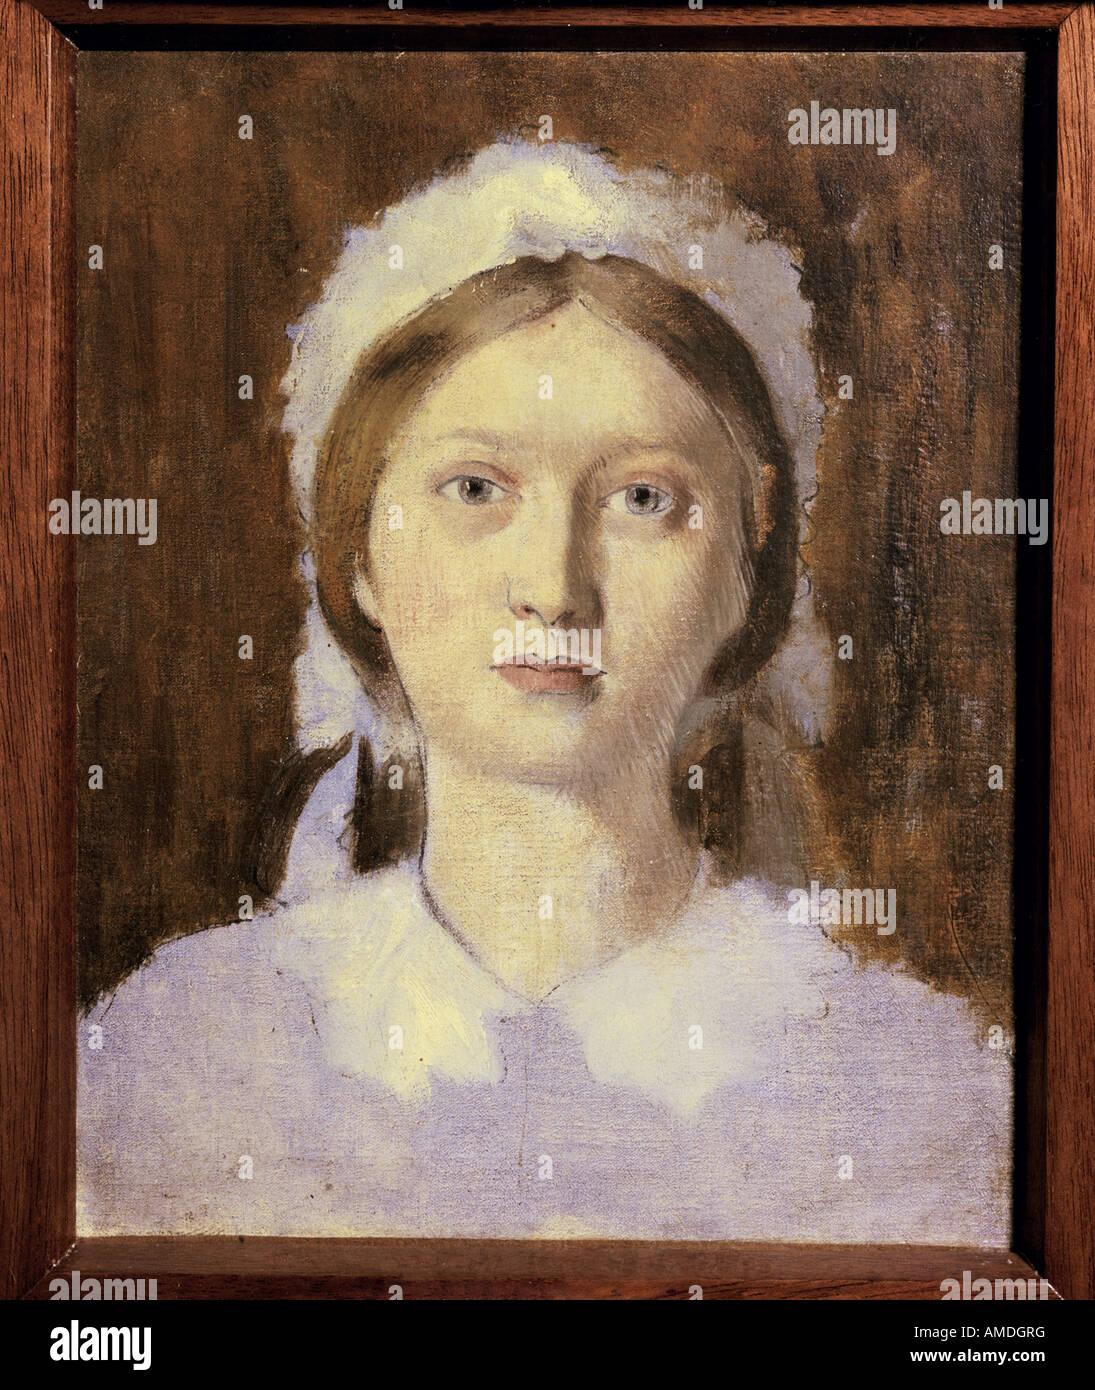 """""""Bellas Artes, Degas, Edgar (1834 - 1917), la pintura, el """"Estudio para el retrato de Marguerite de Gas"""", circa 1858, óleo sobre lienzo, Pa Foto de stock"""